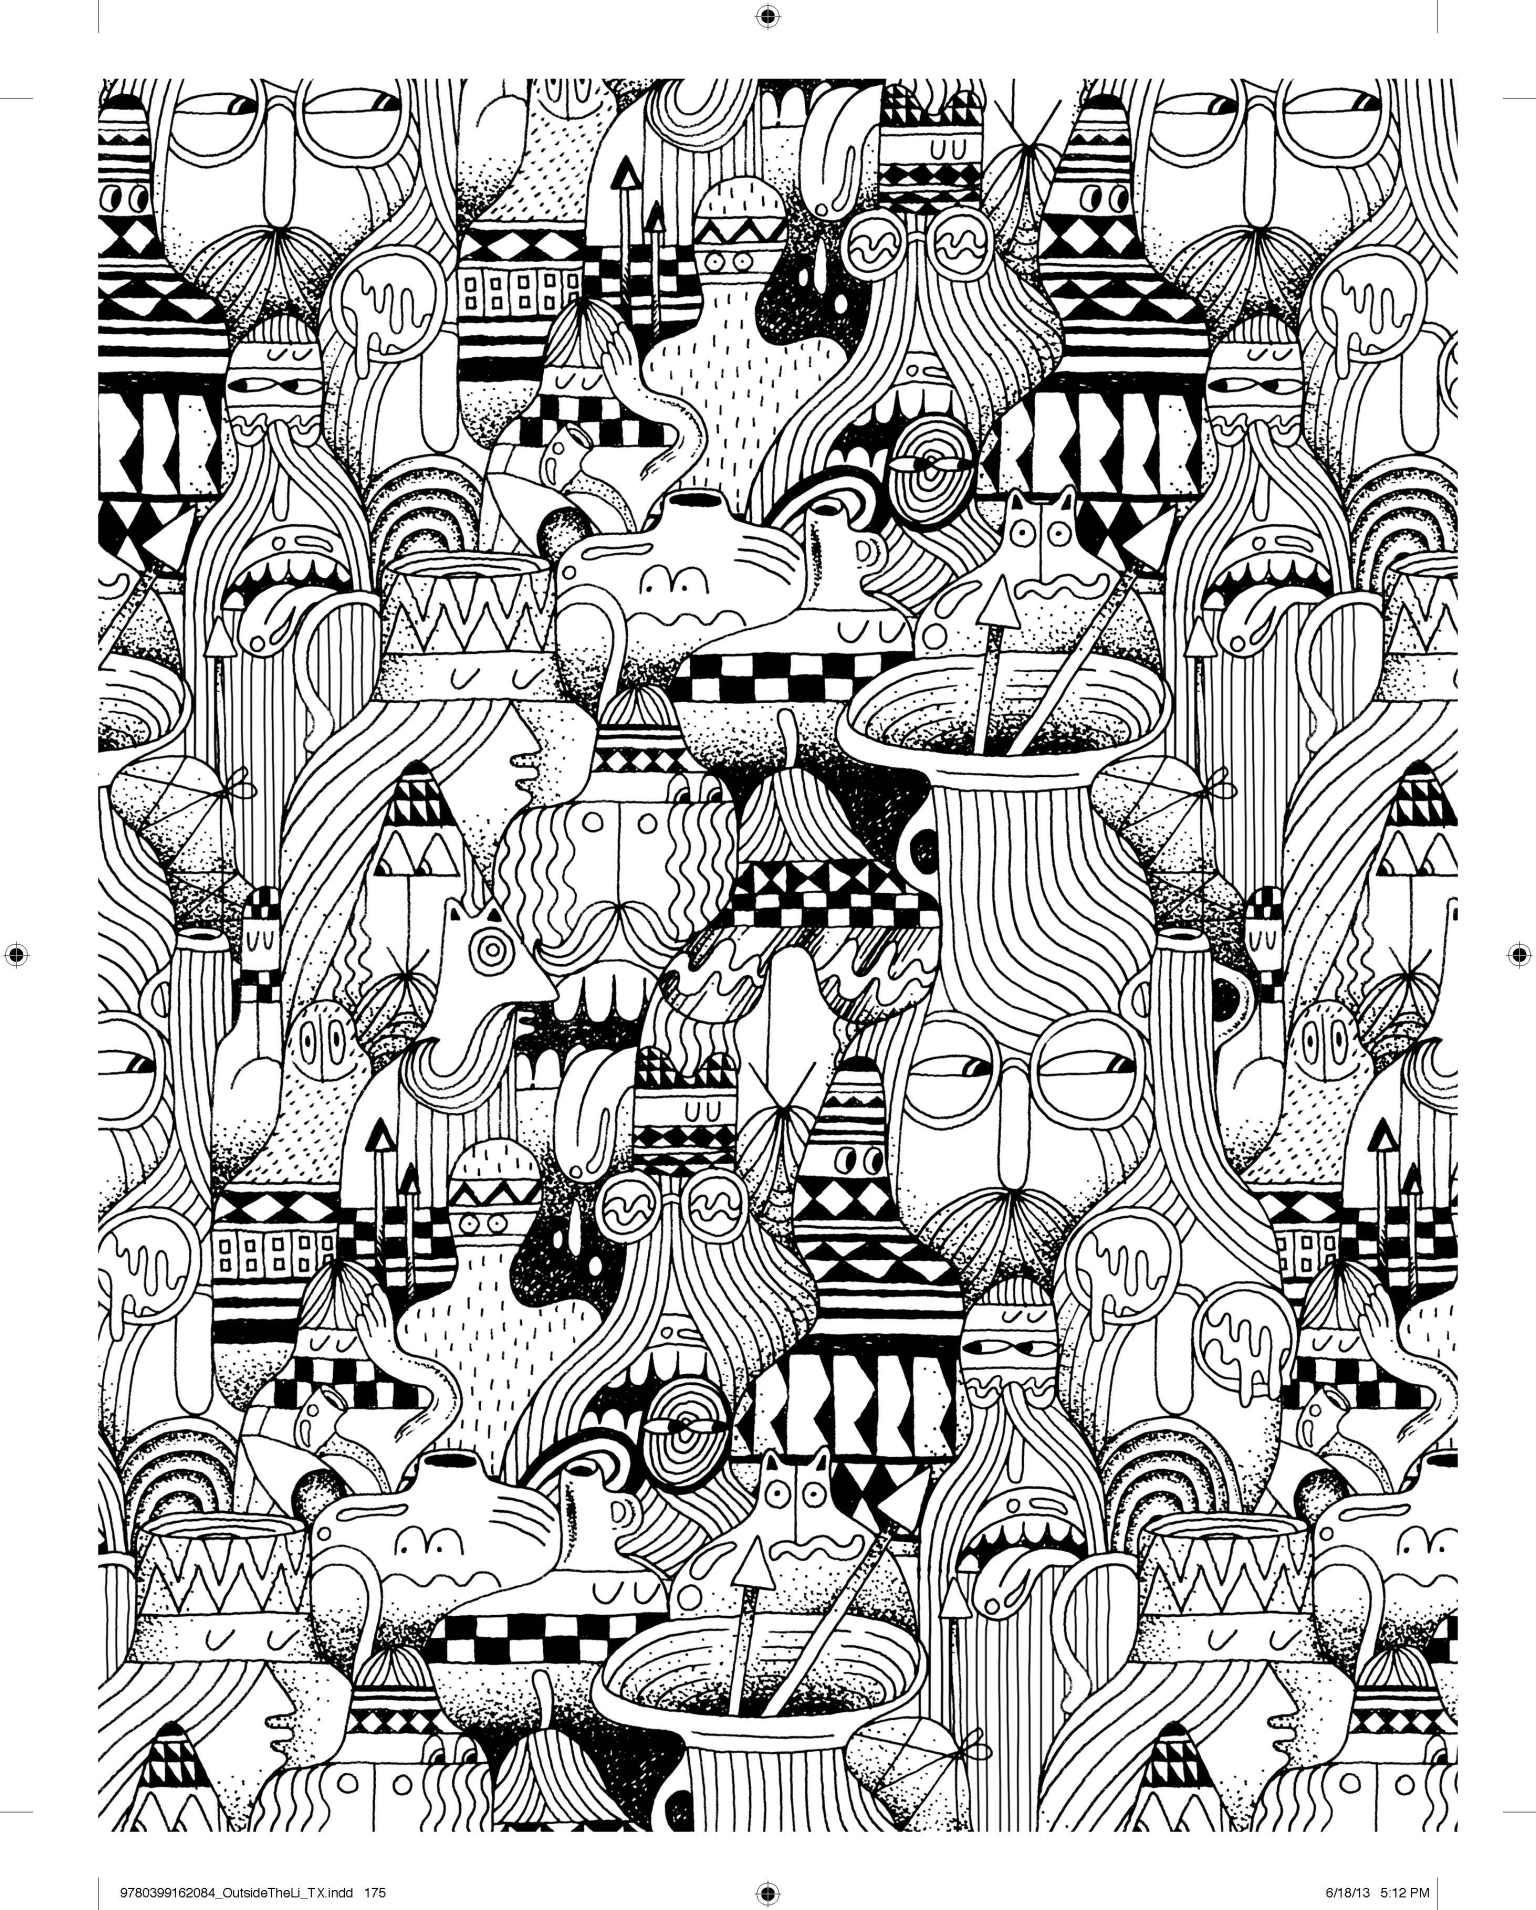 Dessin noir et blanc à motifs répétés, on semble y voir John Lennon